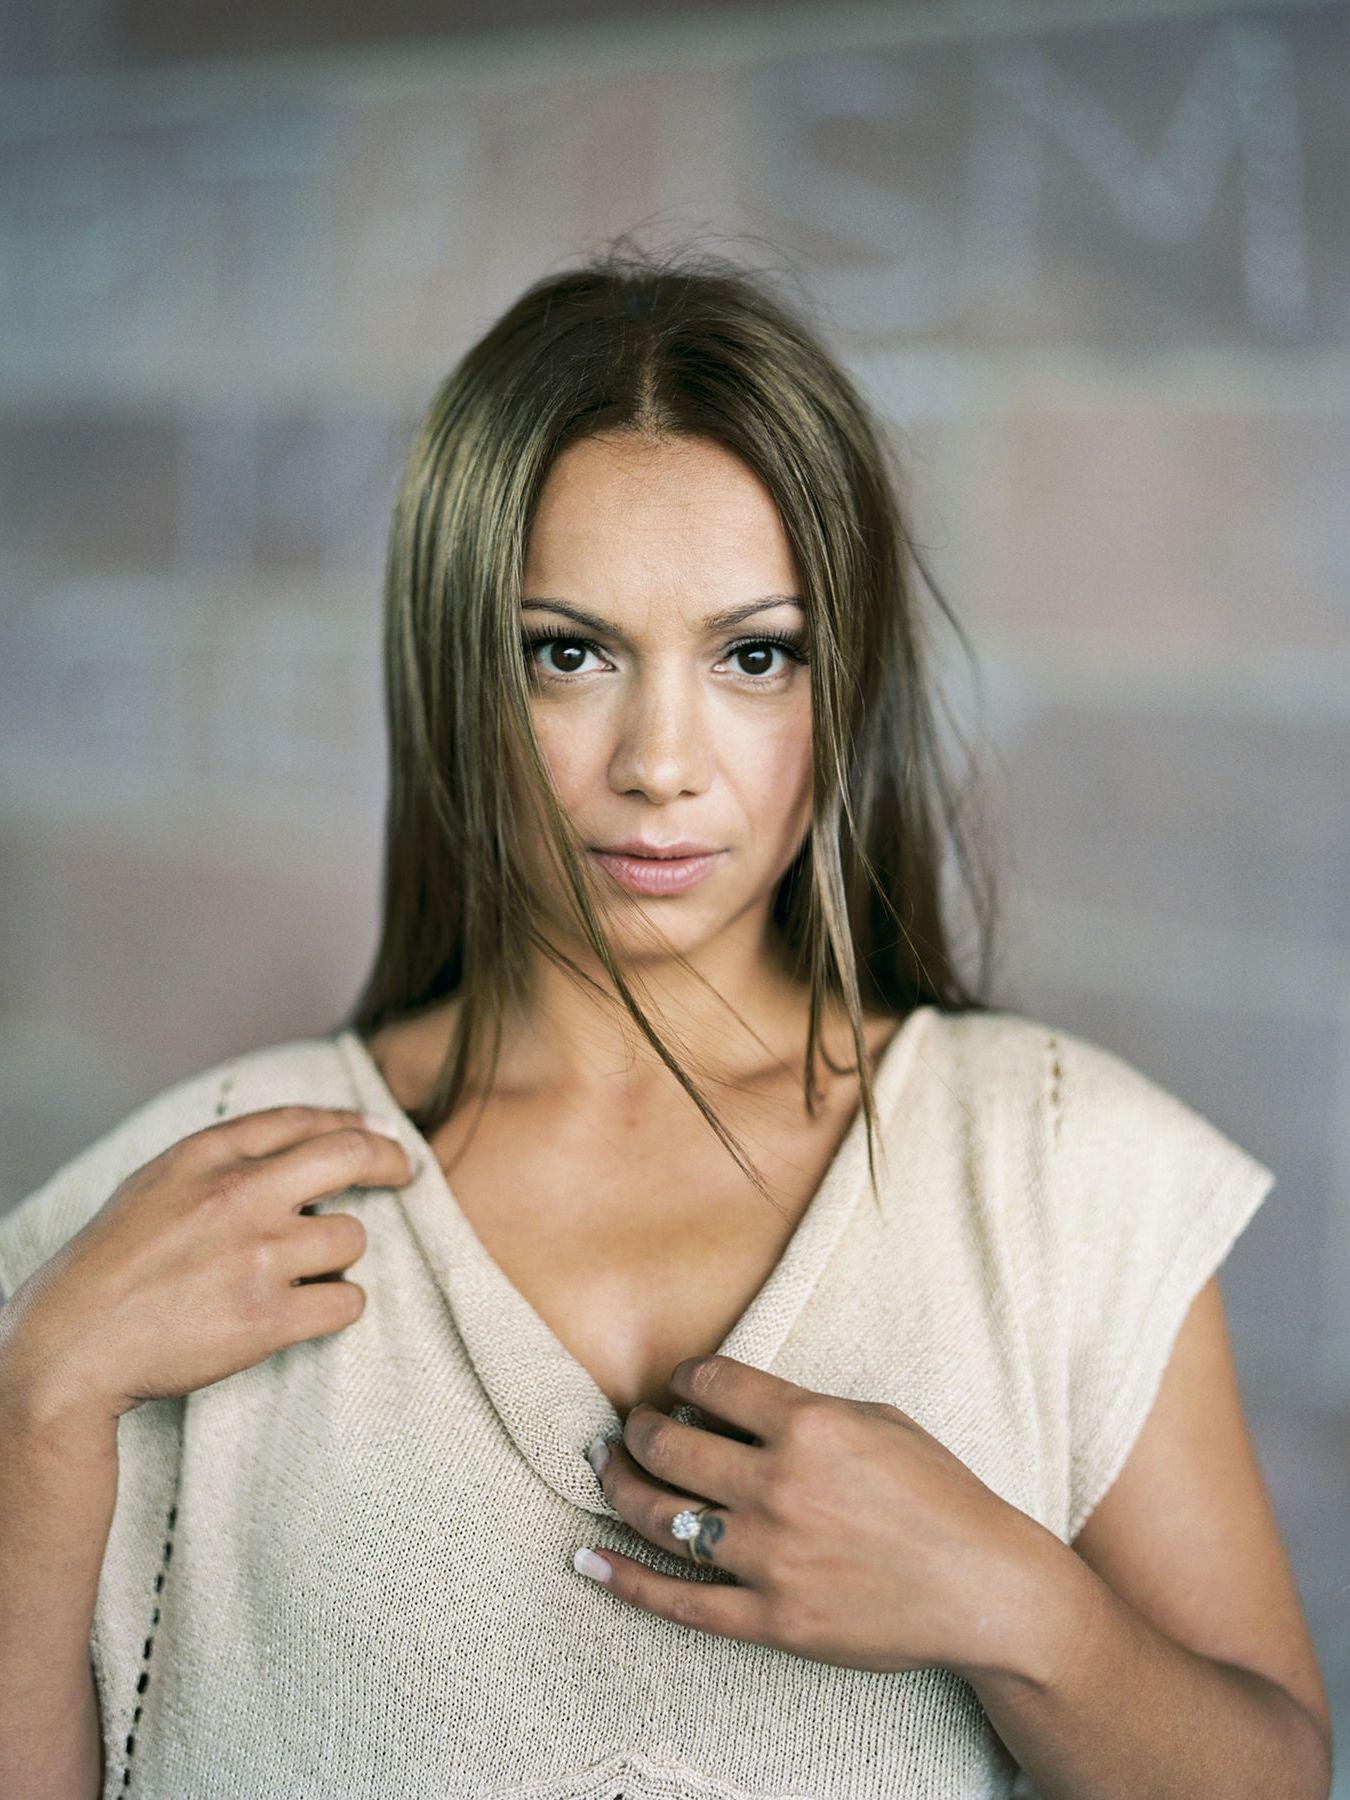 Radost Bokel - Schauspielerin